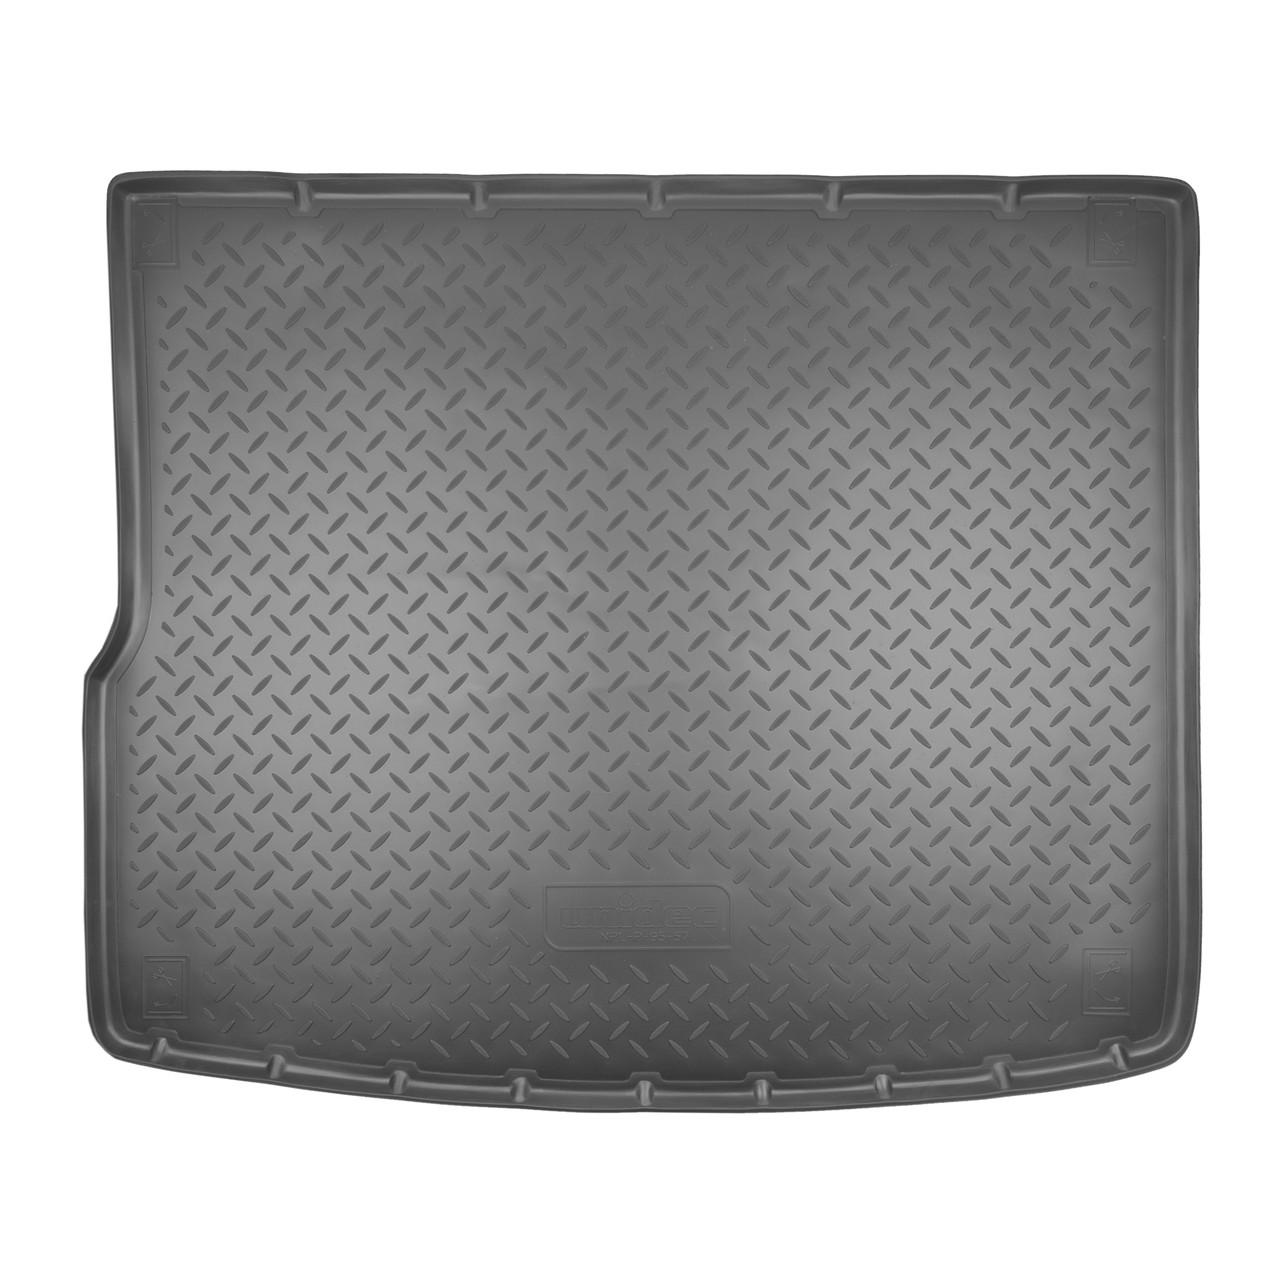 Коврик в багажник Volkswagen Touareg (2010) (4-х зонный климат контроль)